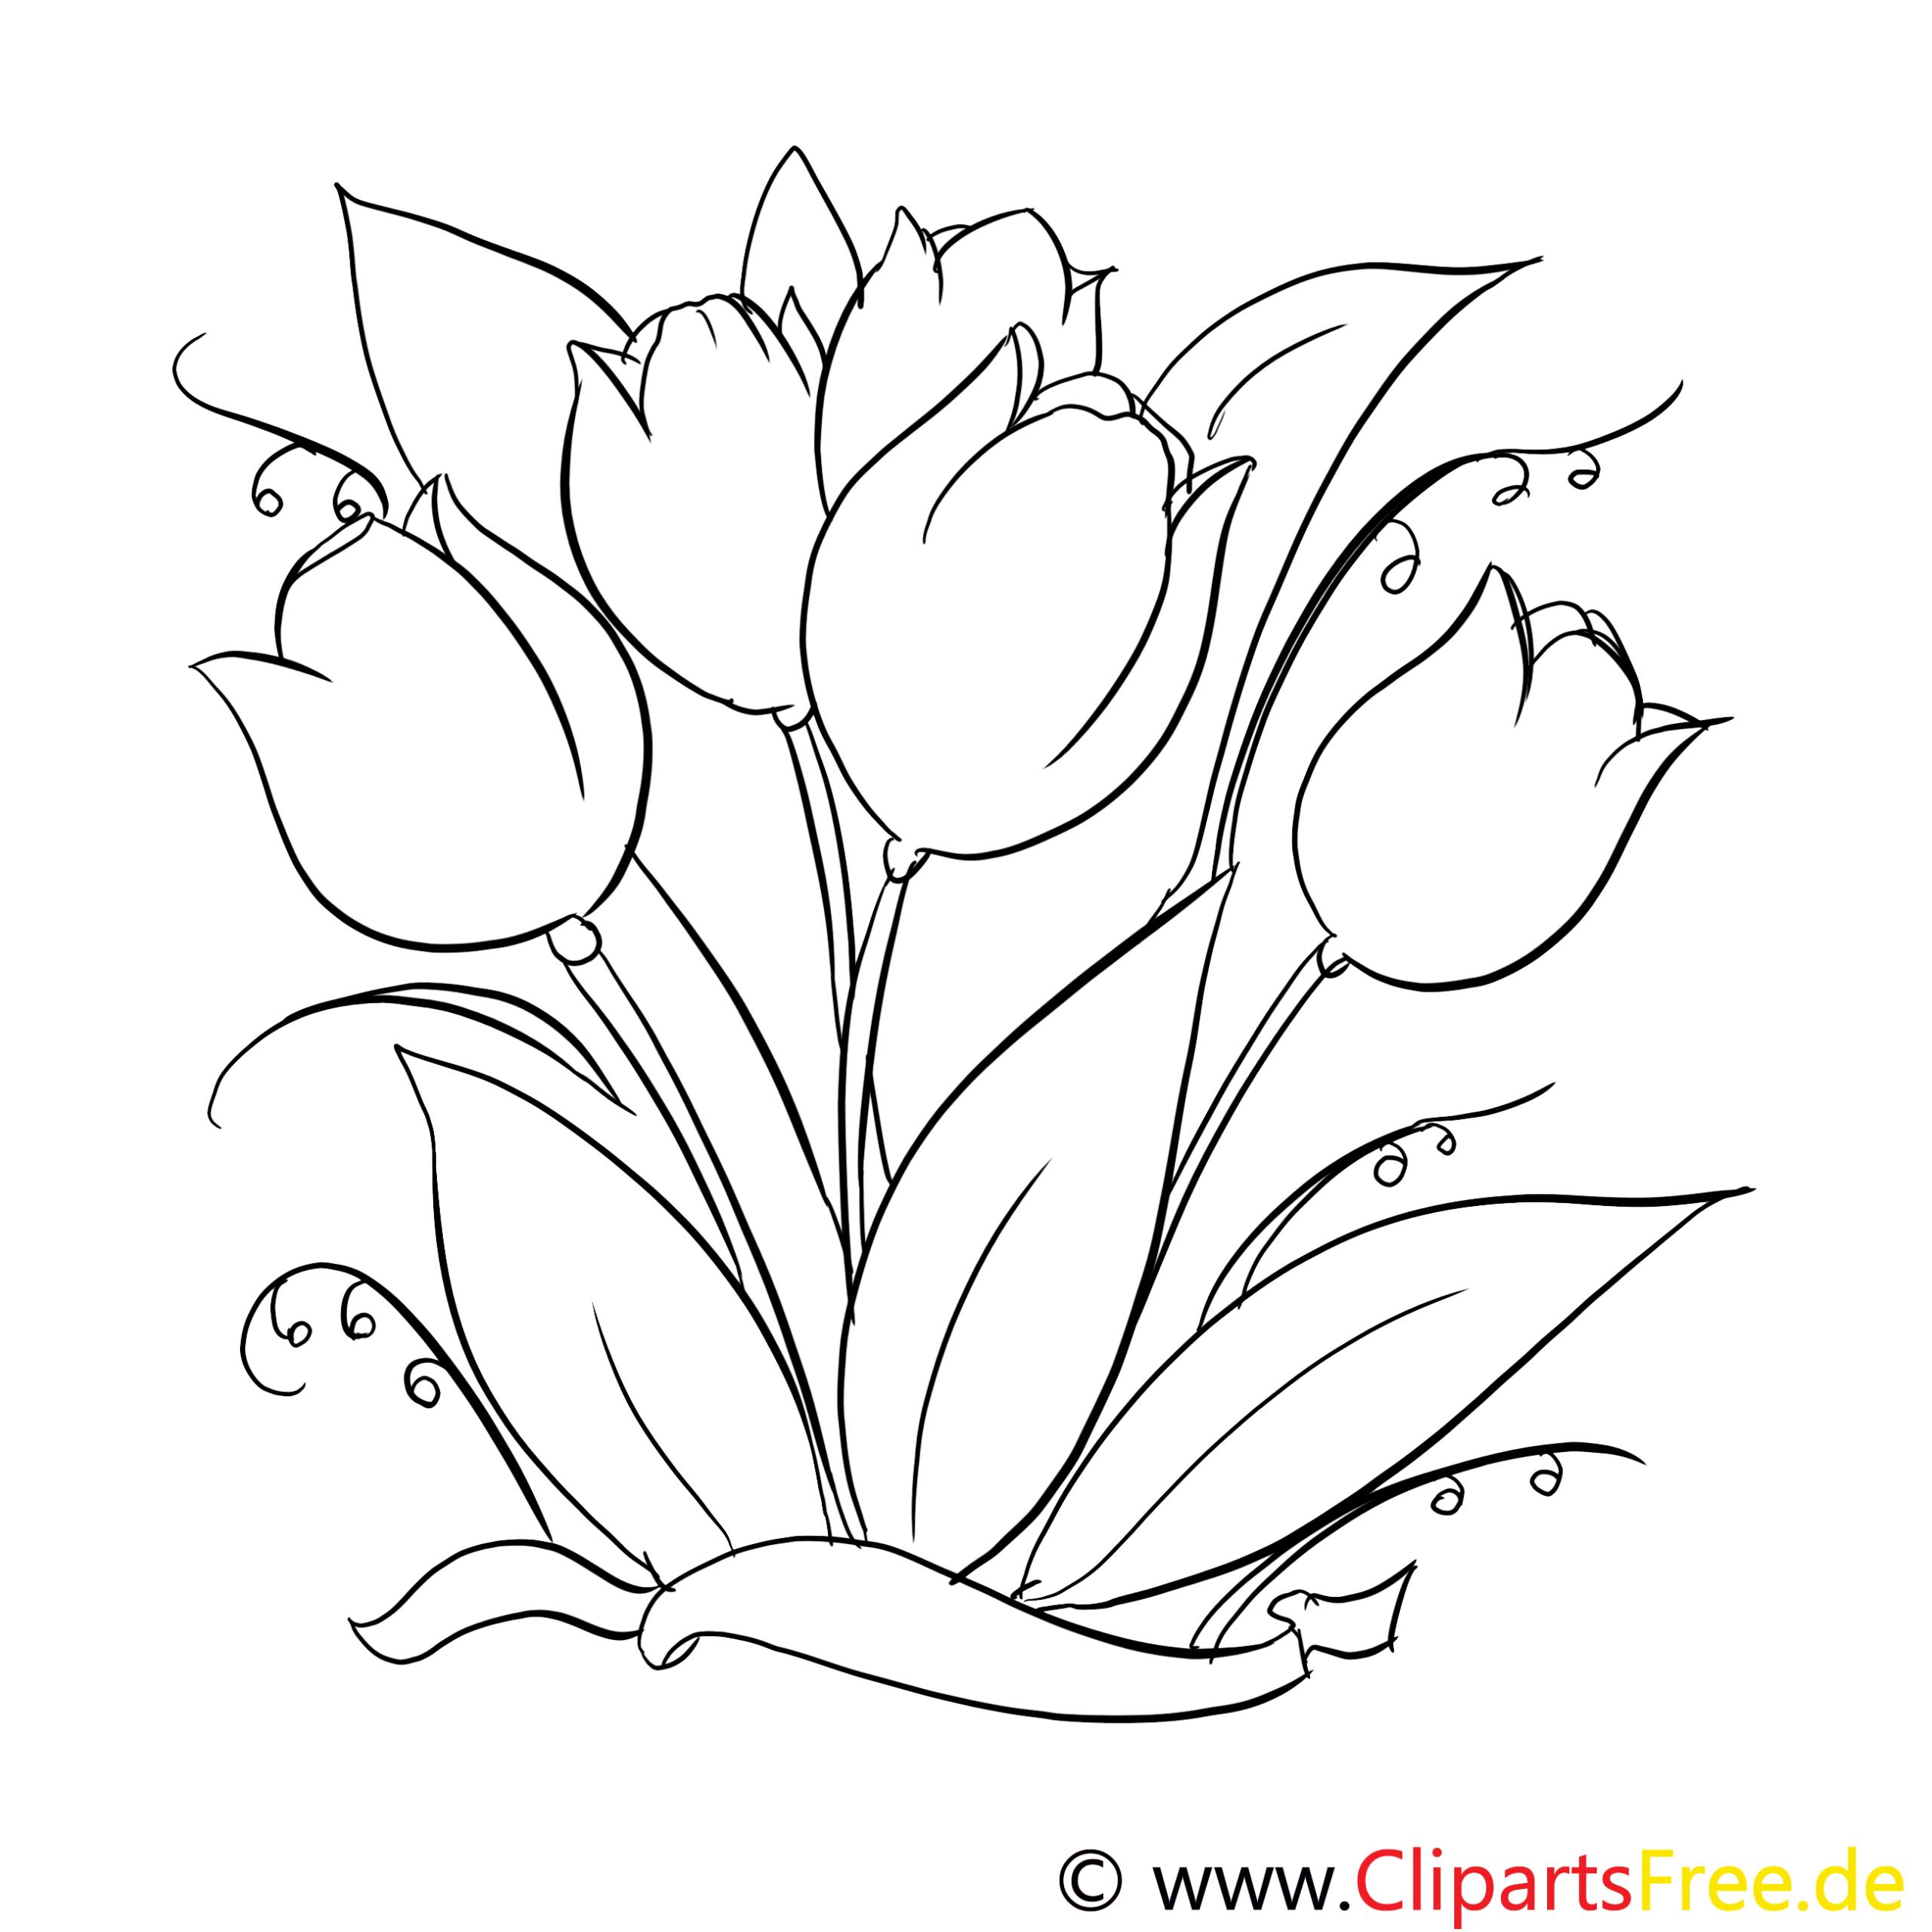 Blumen Vorlagen Zum Ausdrucken Kostenlos - Malvorlagen Für über Blumenbilder Zum Ausdrucken